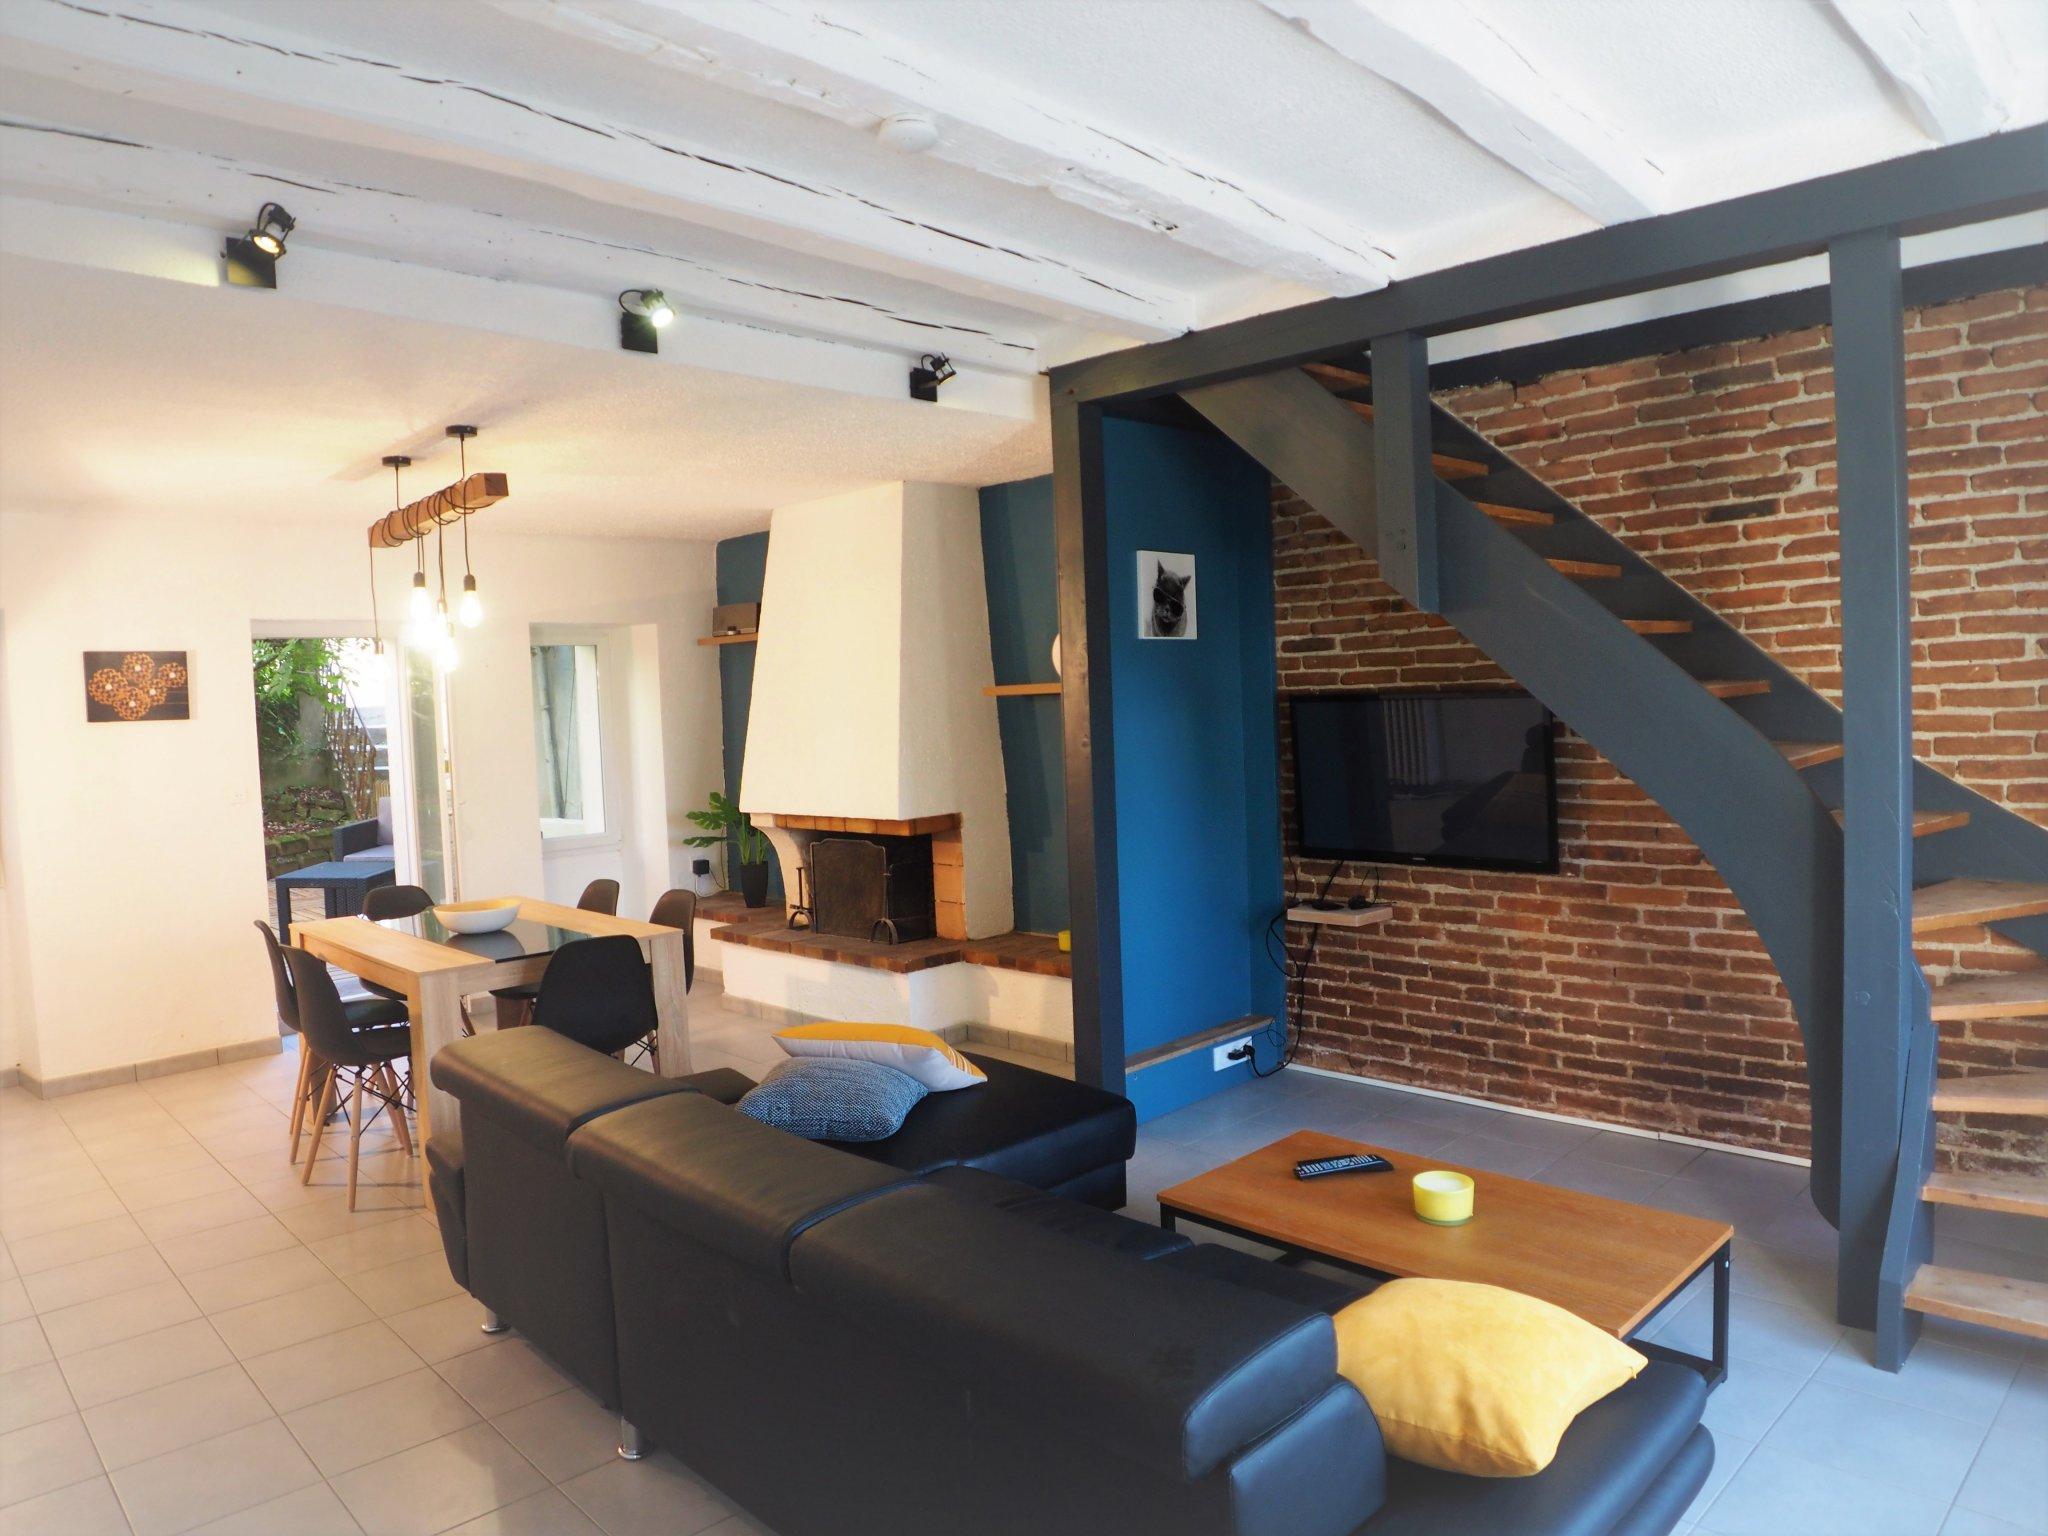 Location Cholet : Colocation De 6 Chambres Dans Une Maison tout Chambre Des Métiers Cholet